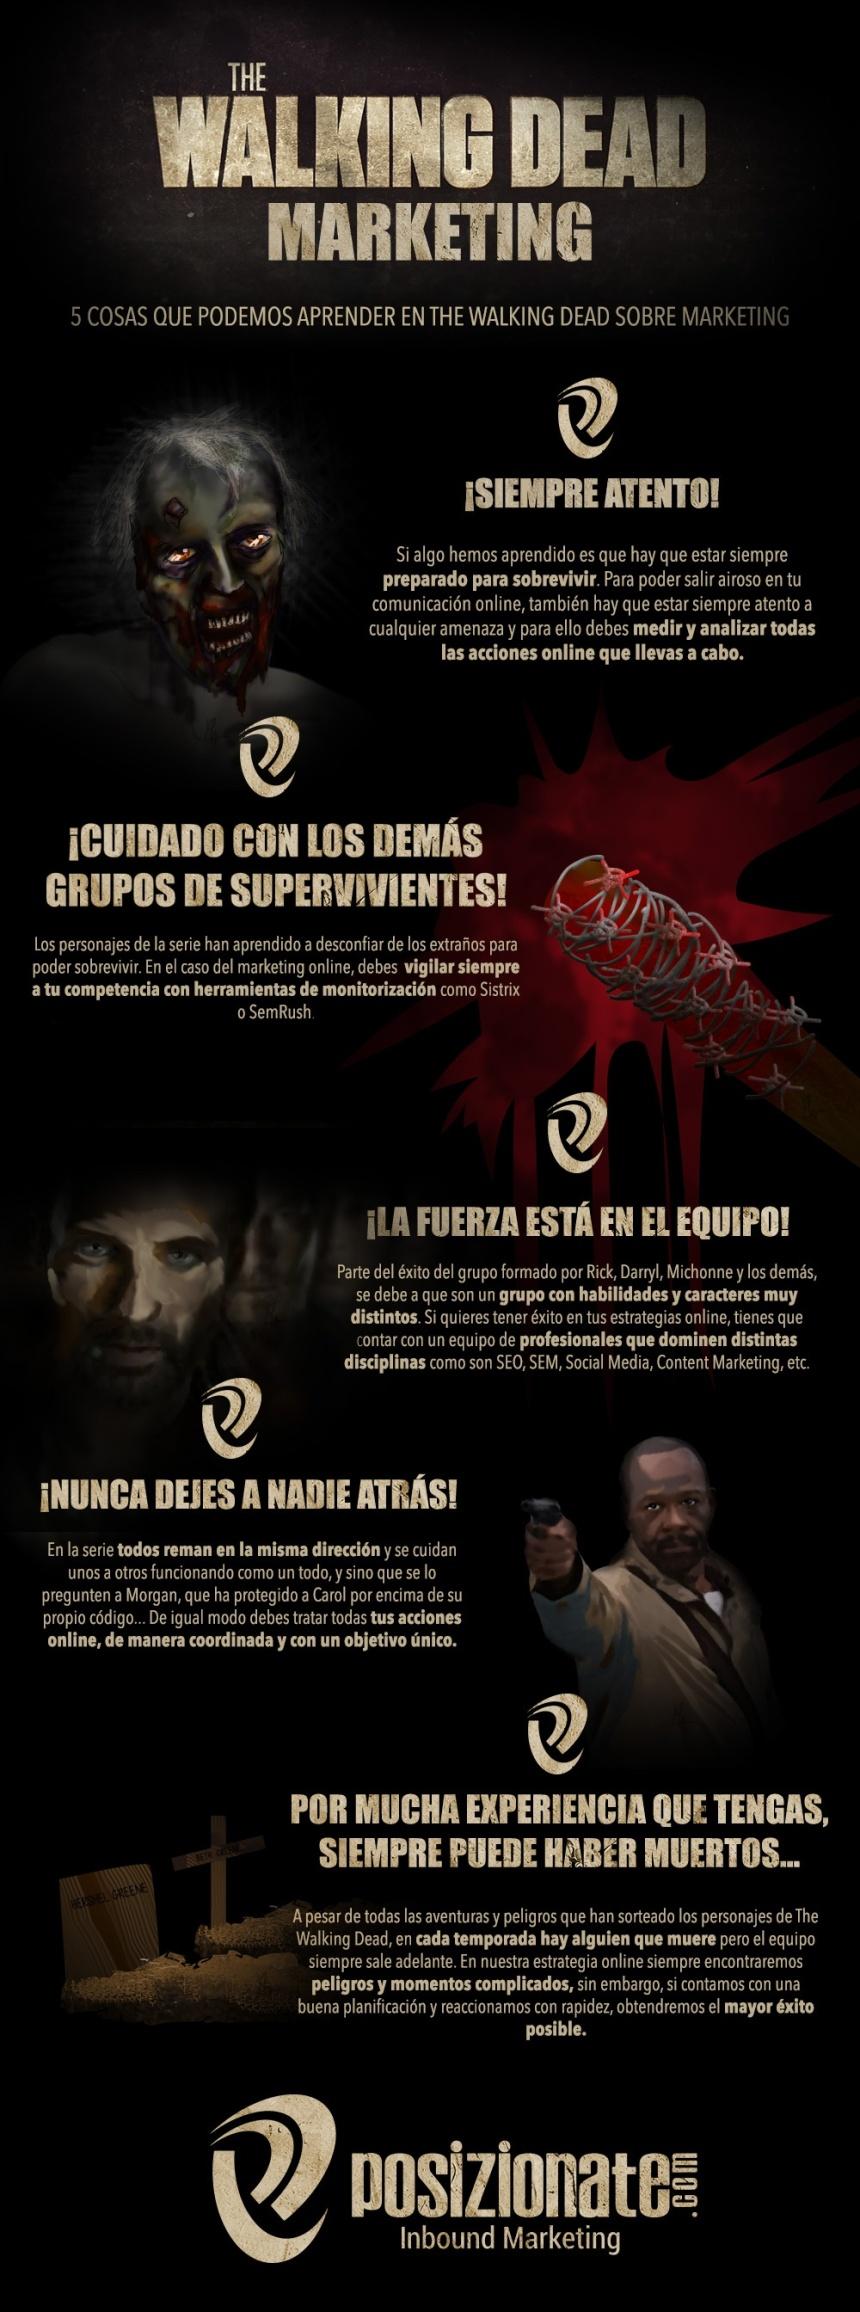 The Walking Dead Marketing